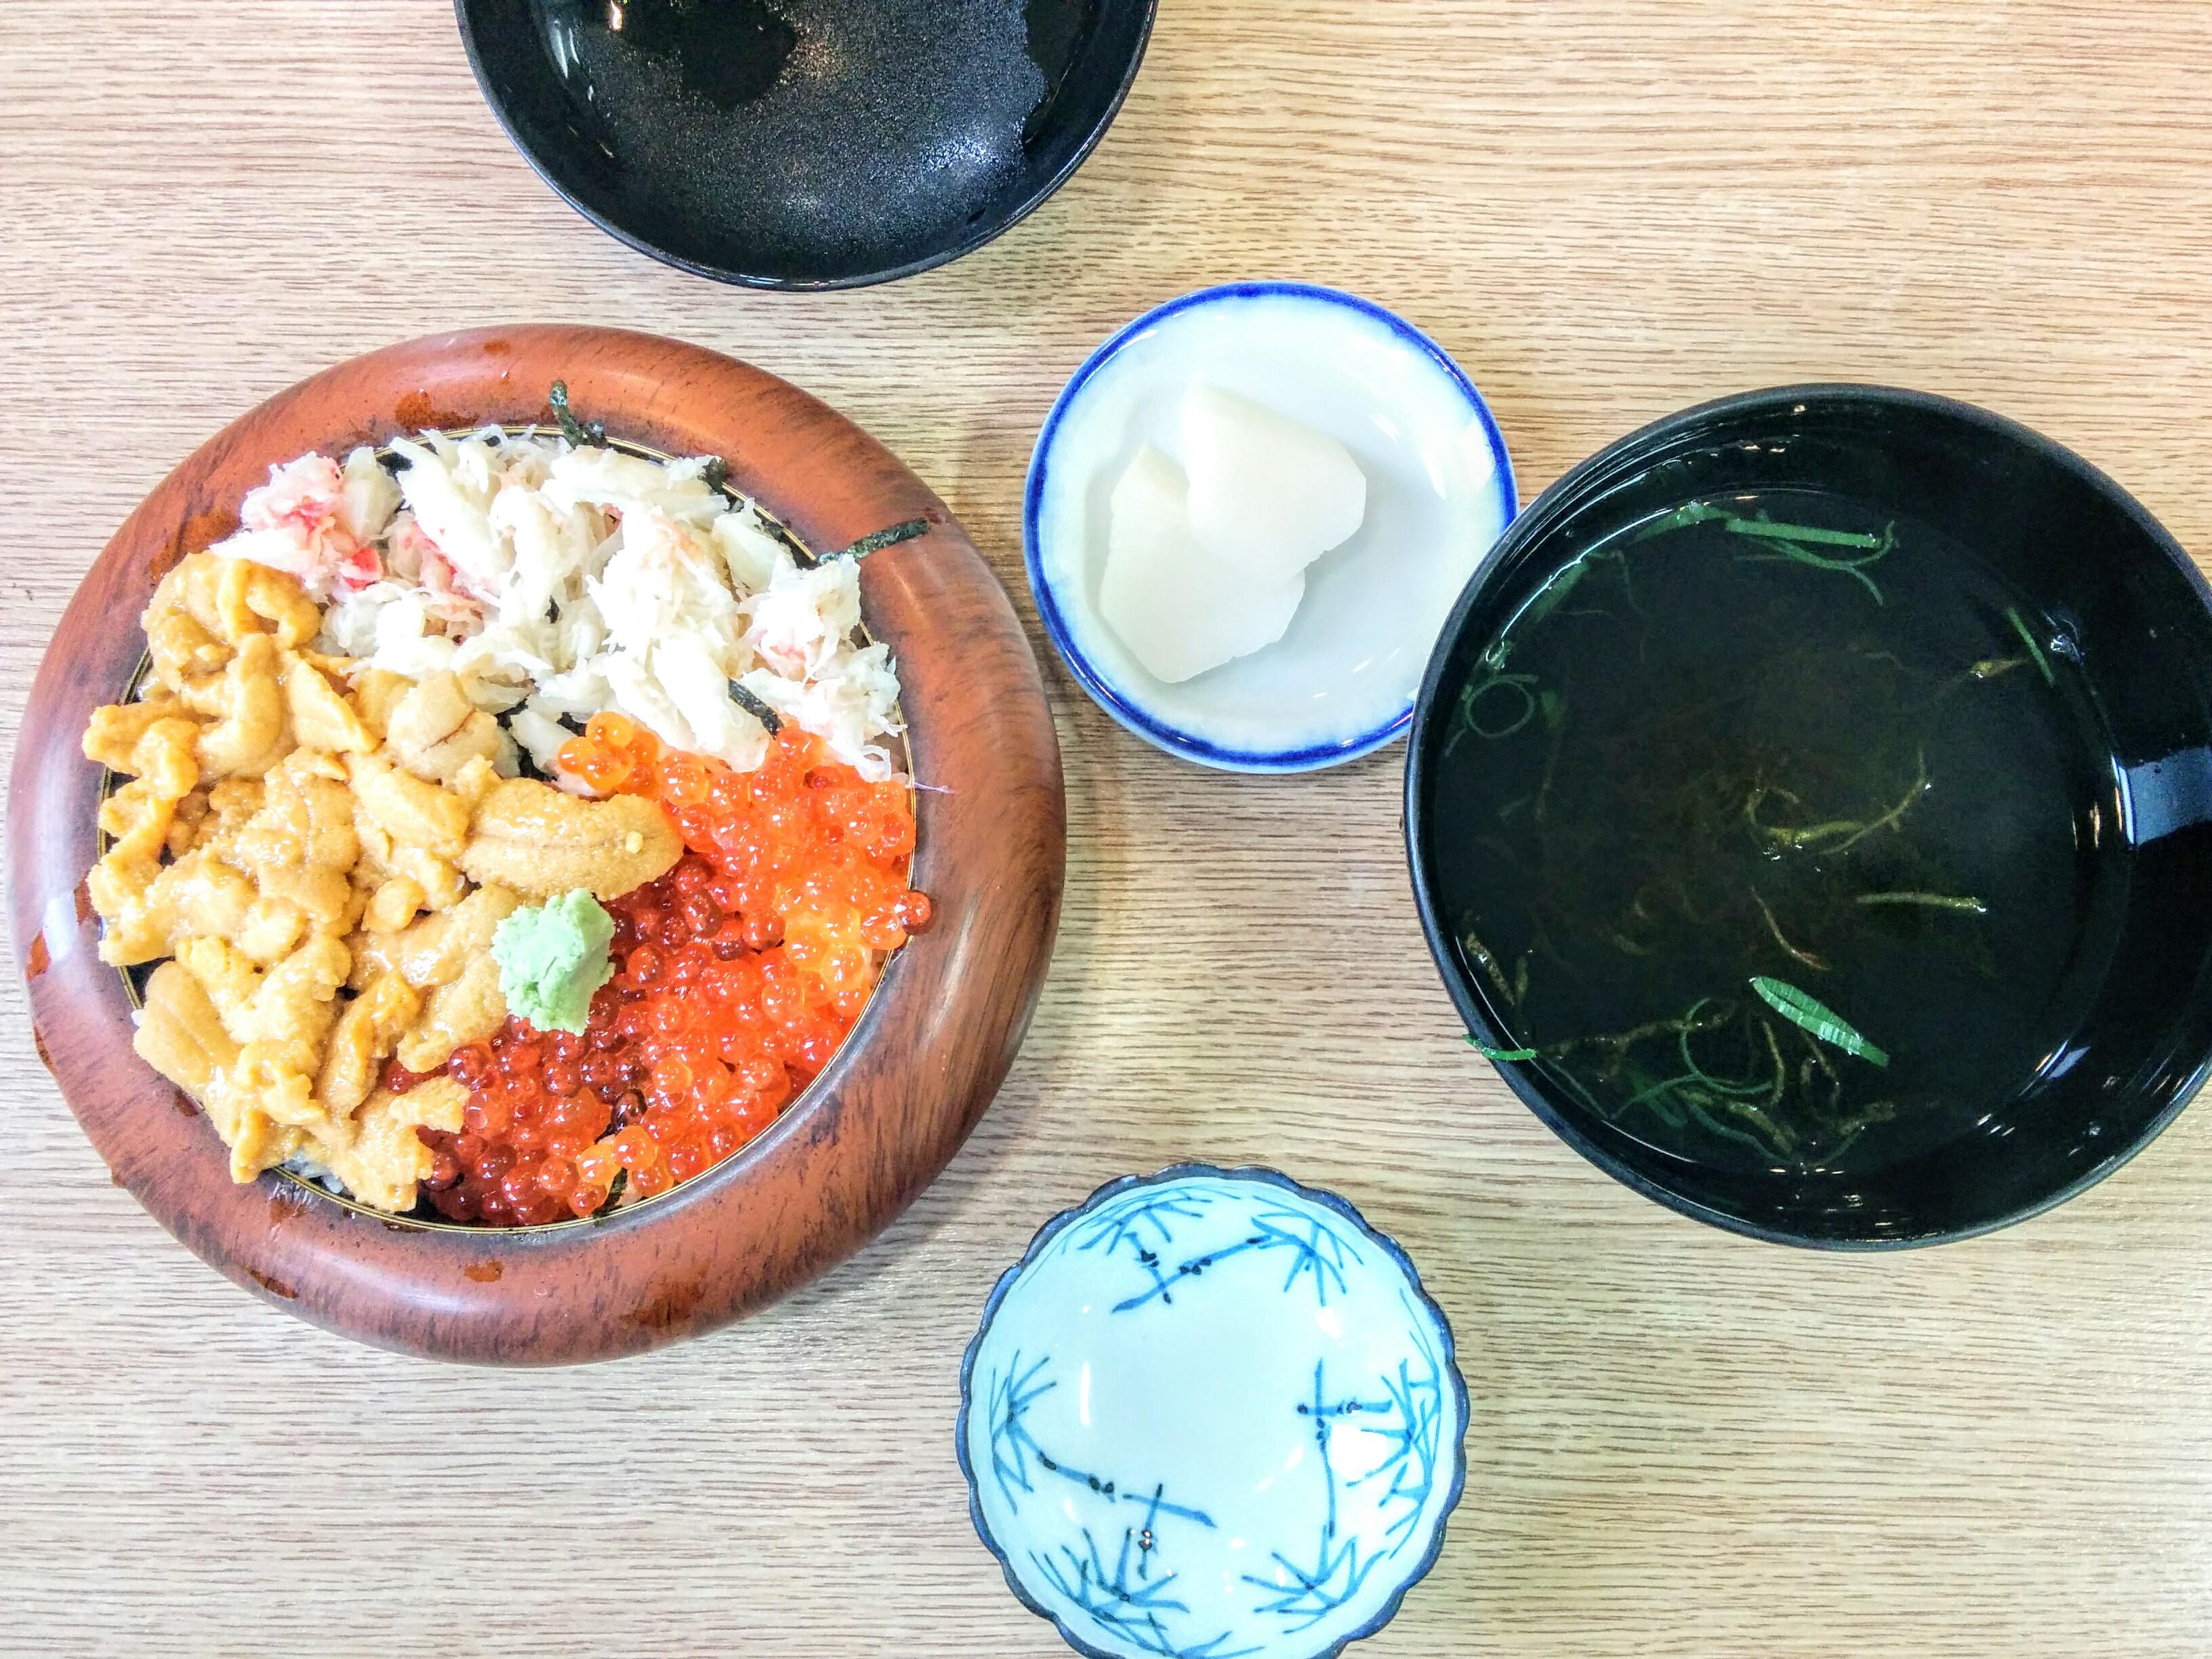 【積丹】まるてん・佐藤食堂しゃこたんなべ観光グルメ案内です。